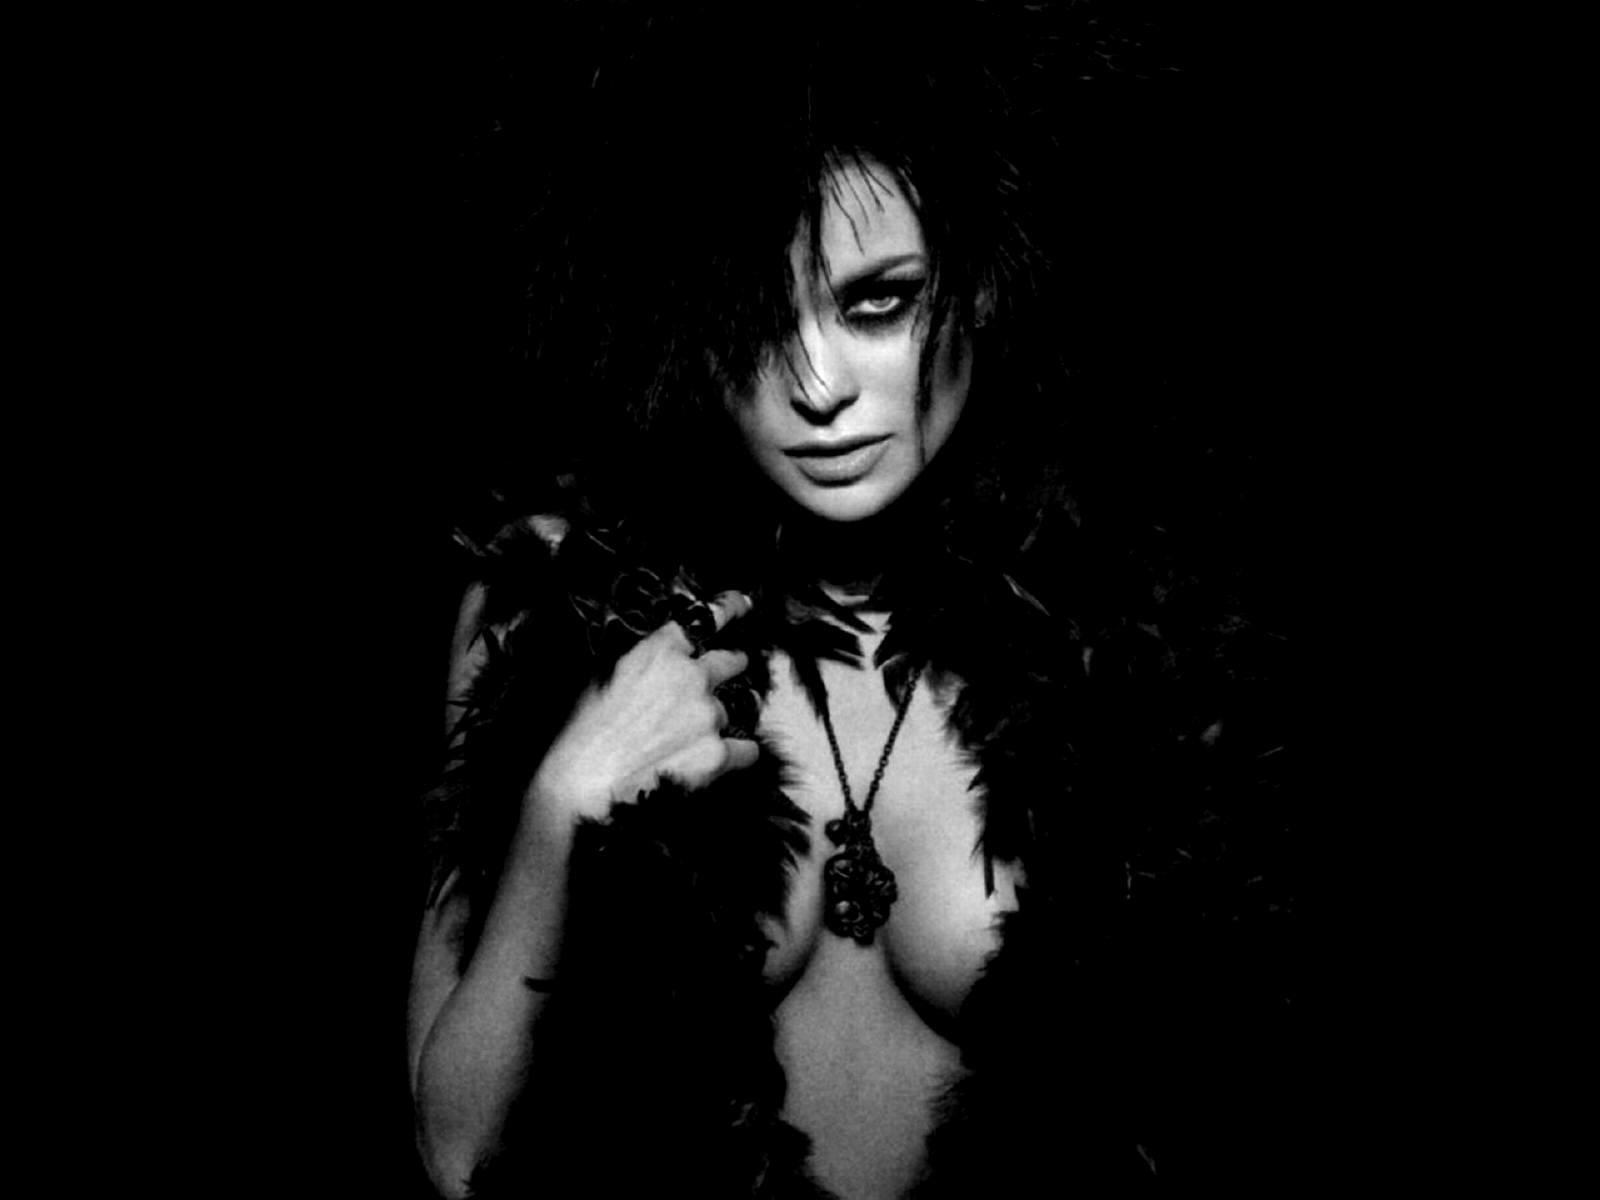 Wallpaper di Carmen Electra in versione sexy-dark